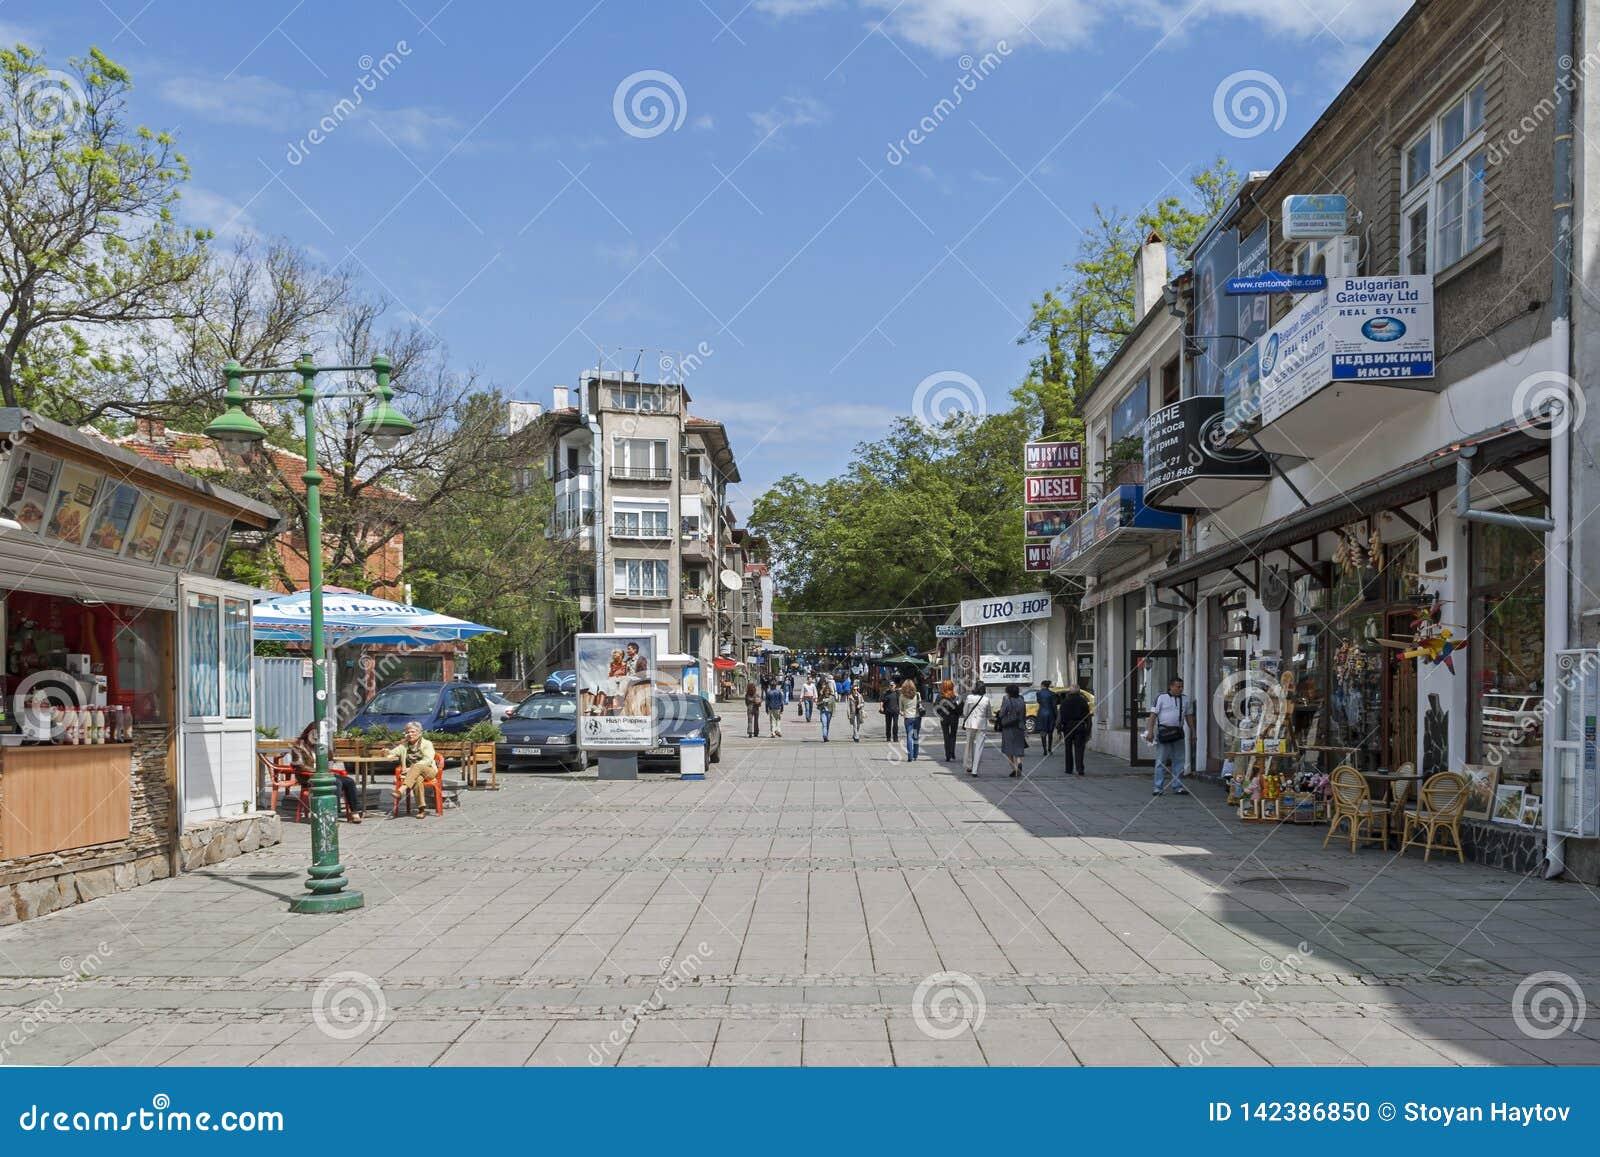 Χαρακτηριστική οδός και ενσωμάτωση του κέντρου της πόλης Burgas, Βουλγαρία